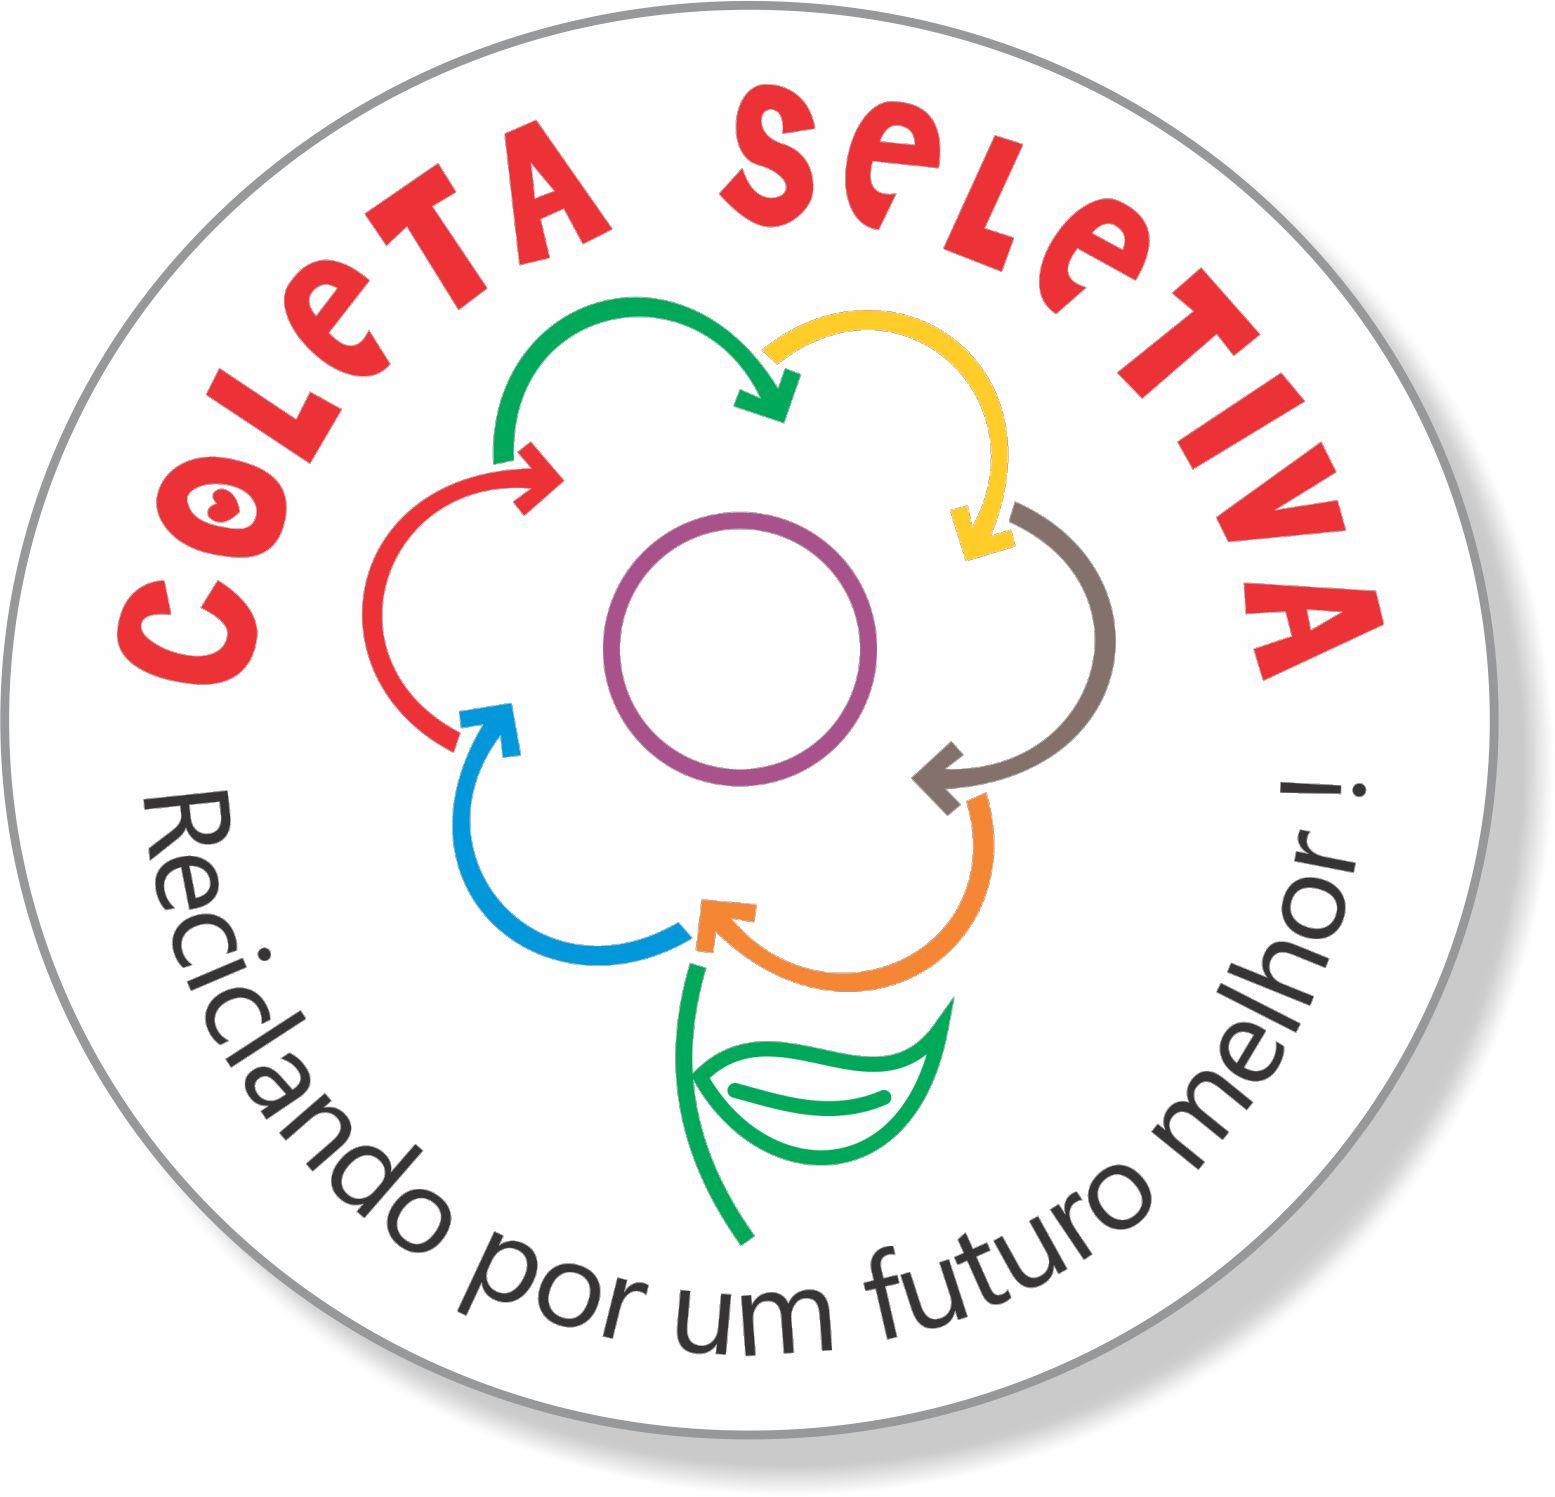 Confira os horários de coleta seletiva e de lixo residencial comum nos bairros da capital!